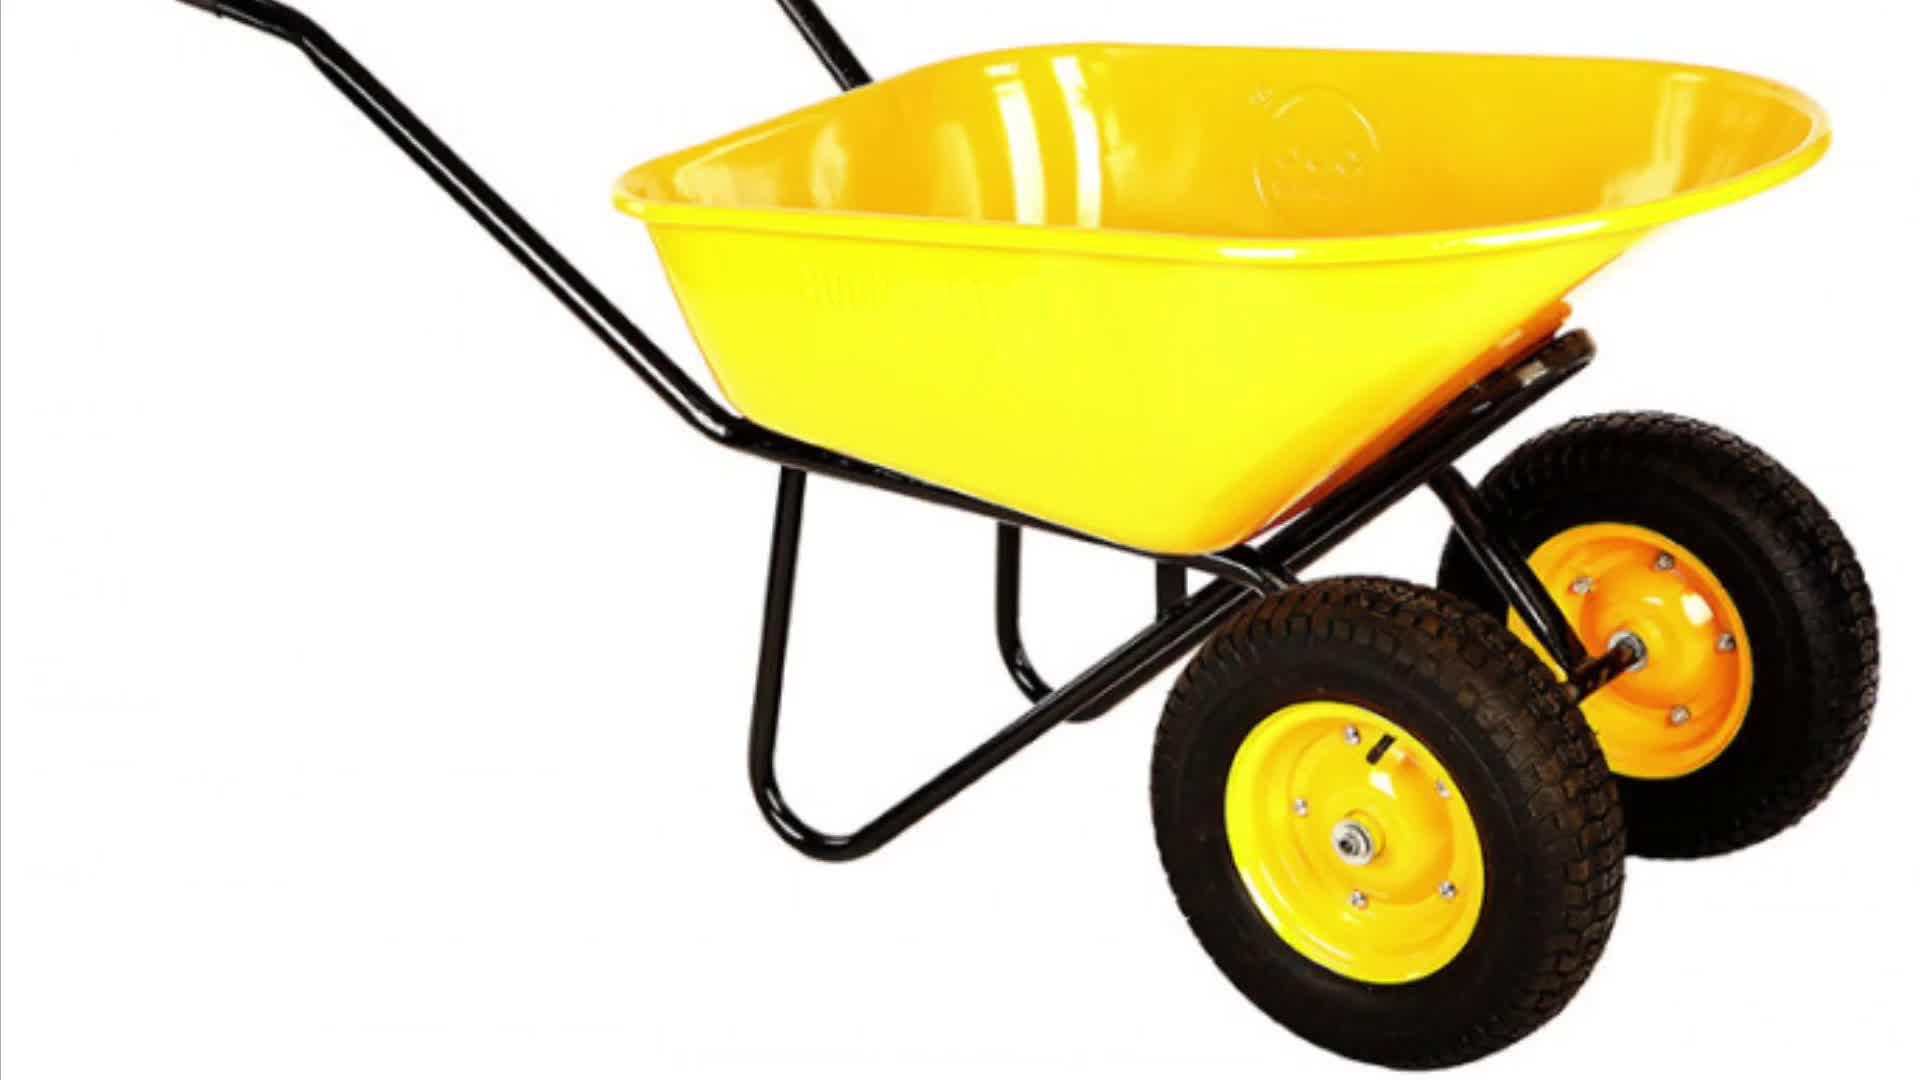 厂家供应手推车 双轮手推车 物流工具车 WB6418S